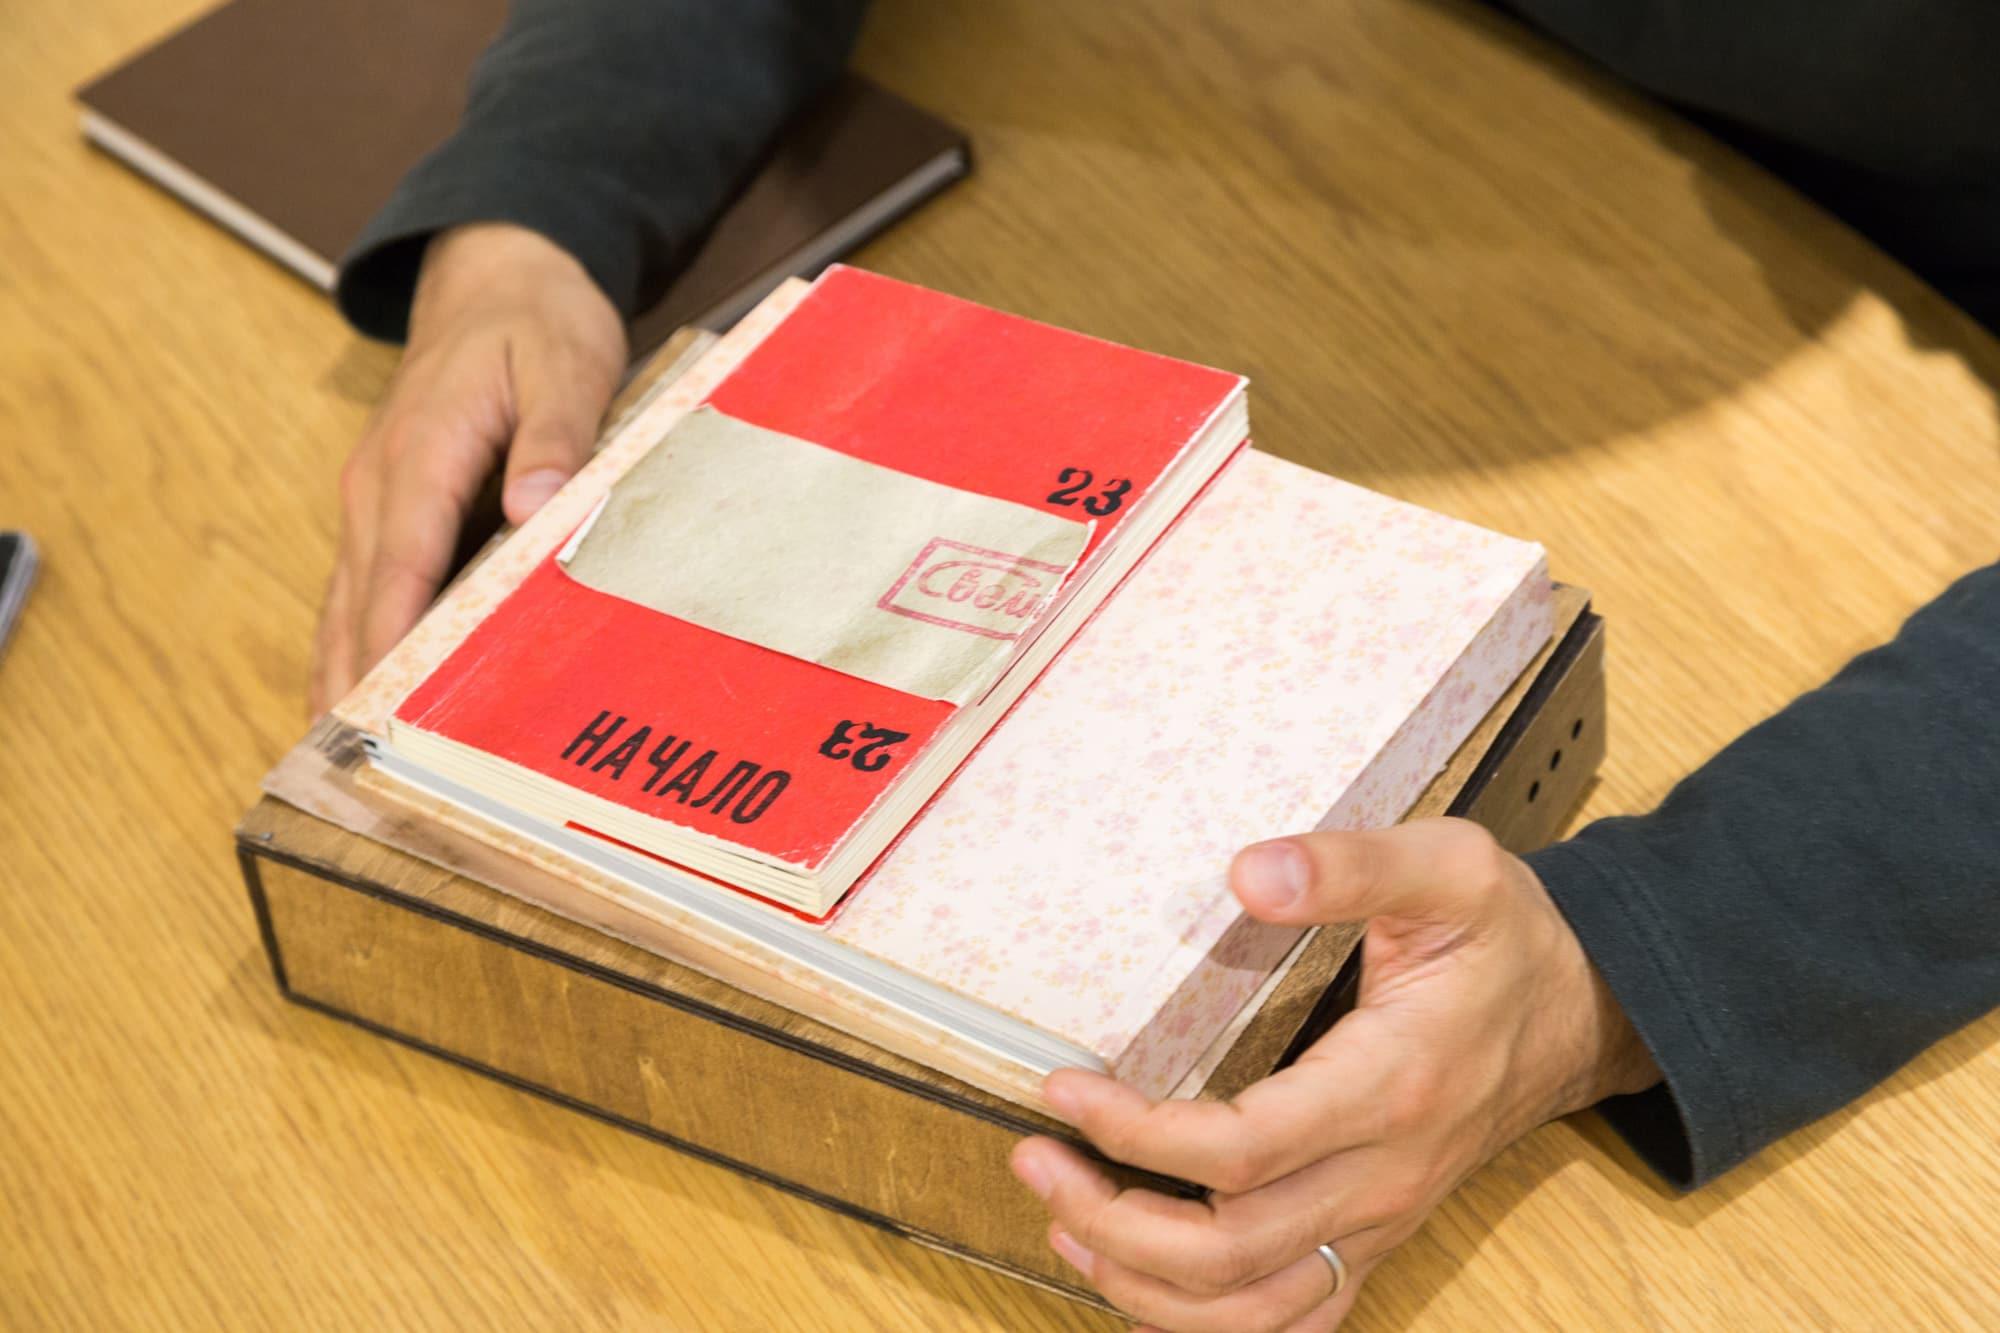 物語を「語る」写真集はいかにして生まれたのか?小原一真の創作の原点を追う【後編】 | Interview Kazuma Obara